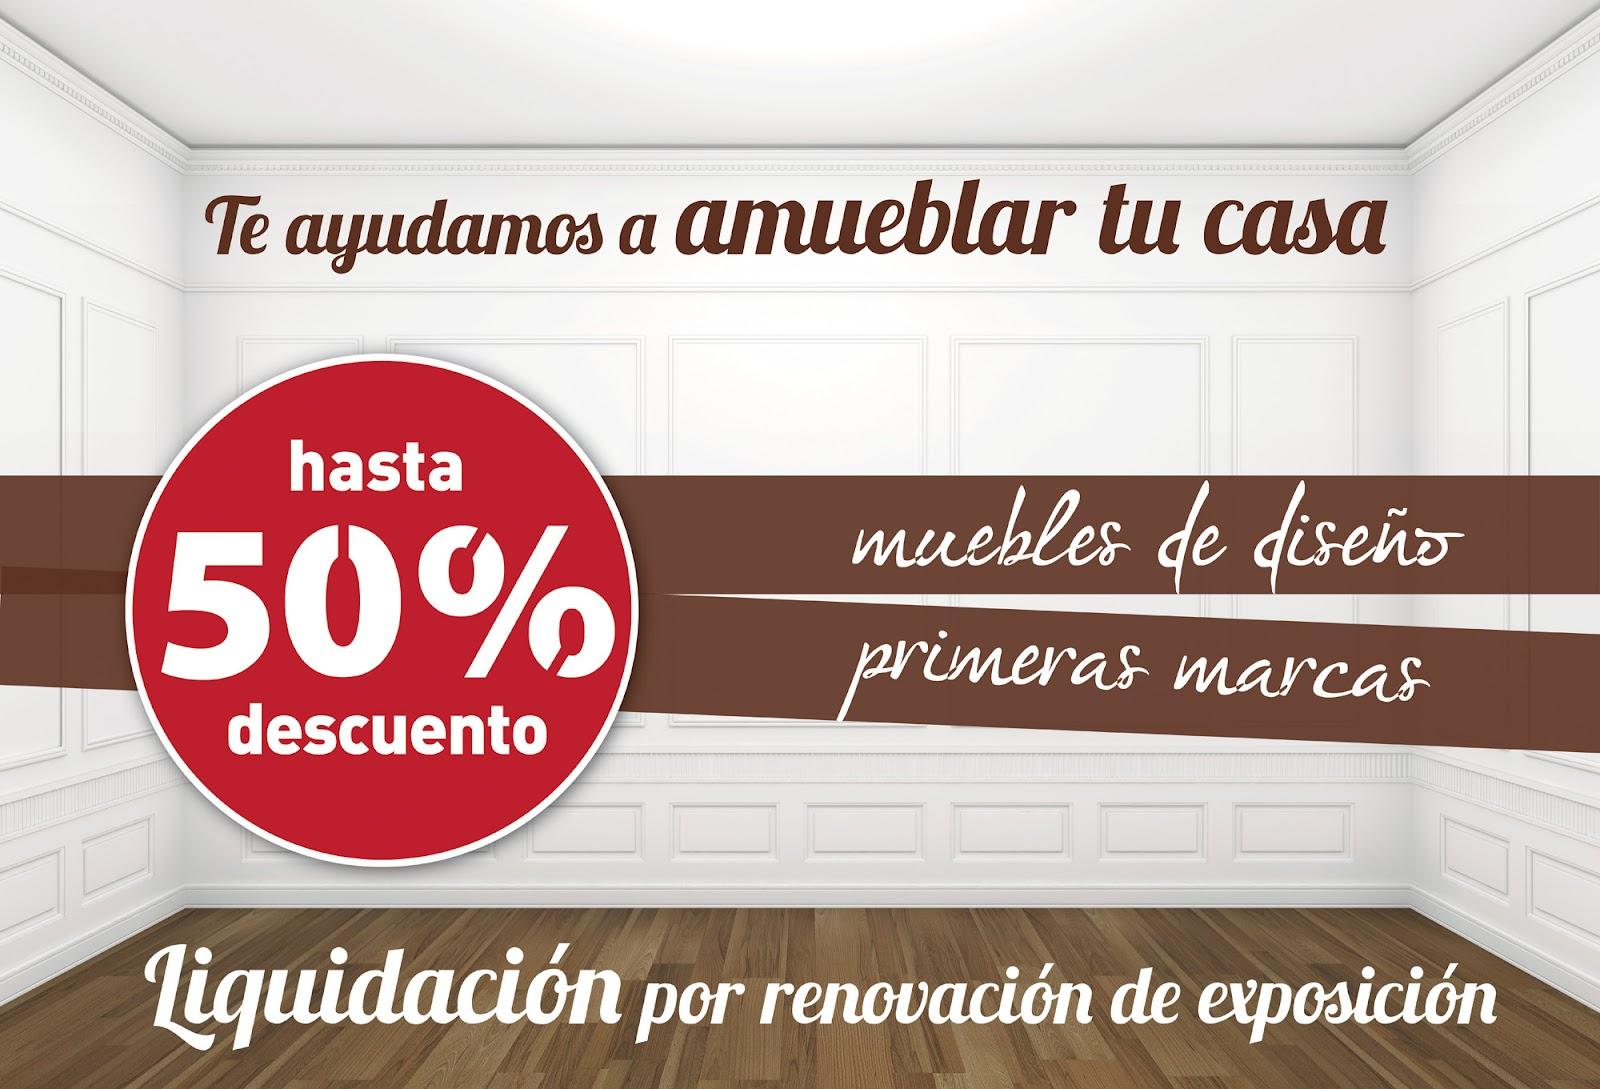 Muebles dise o castell n junio 2012 for Liquidacion muebles diseno